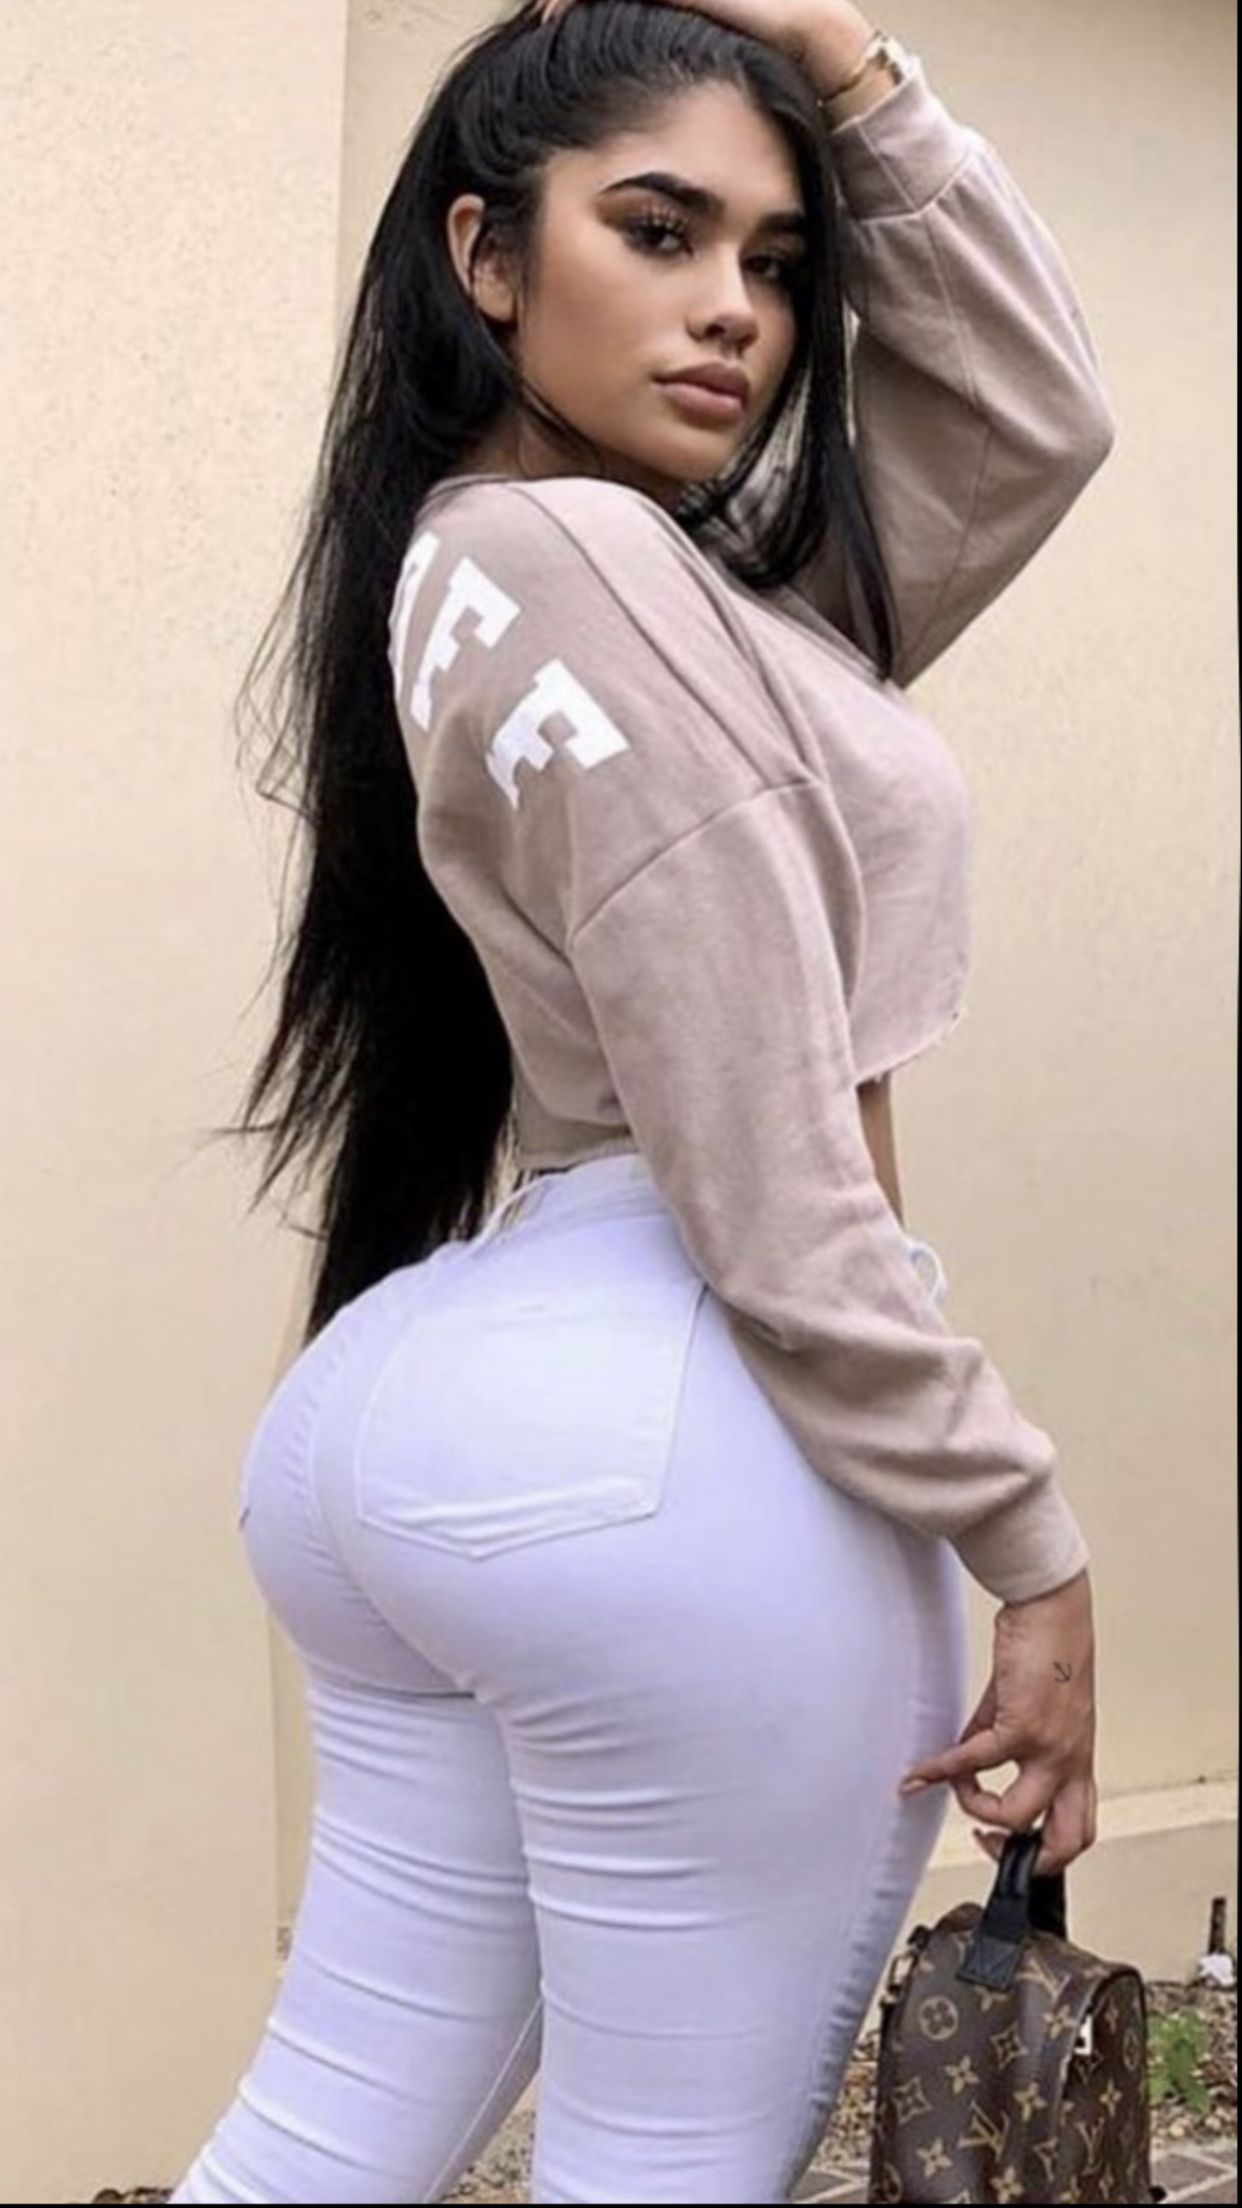 Thick Latina Bbw Amateur